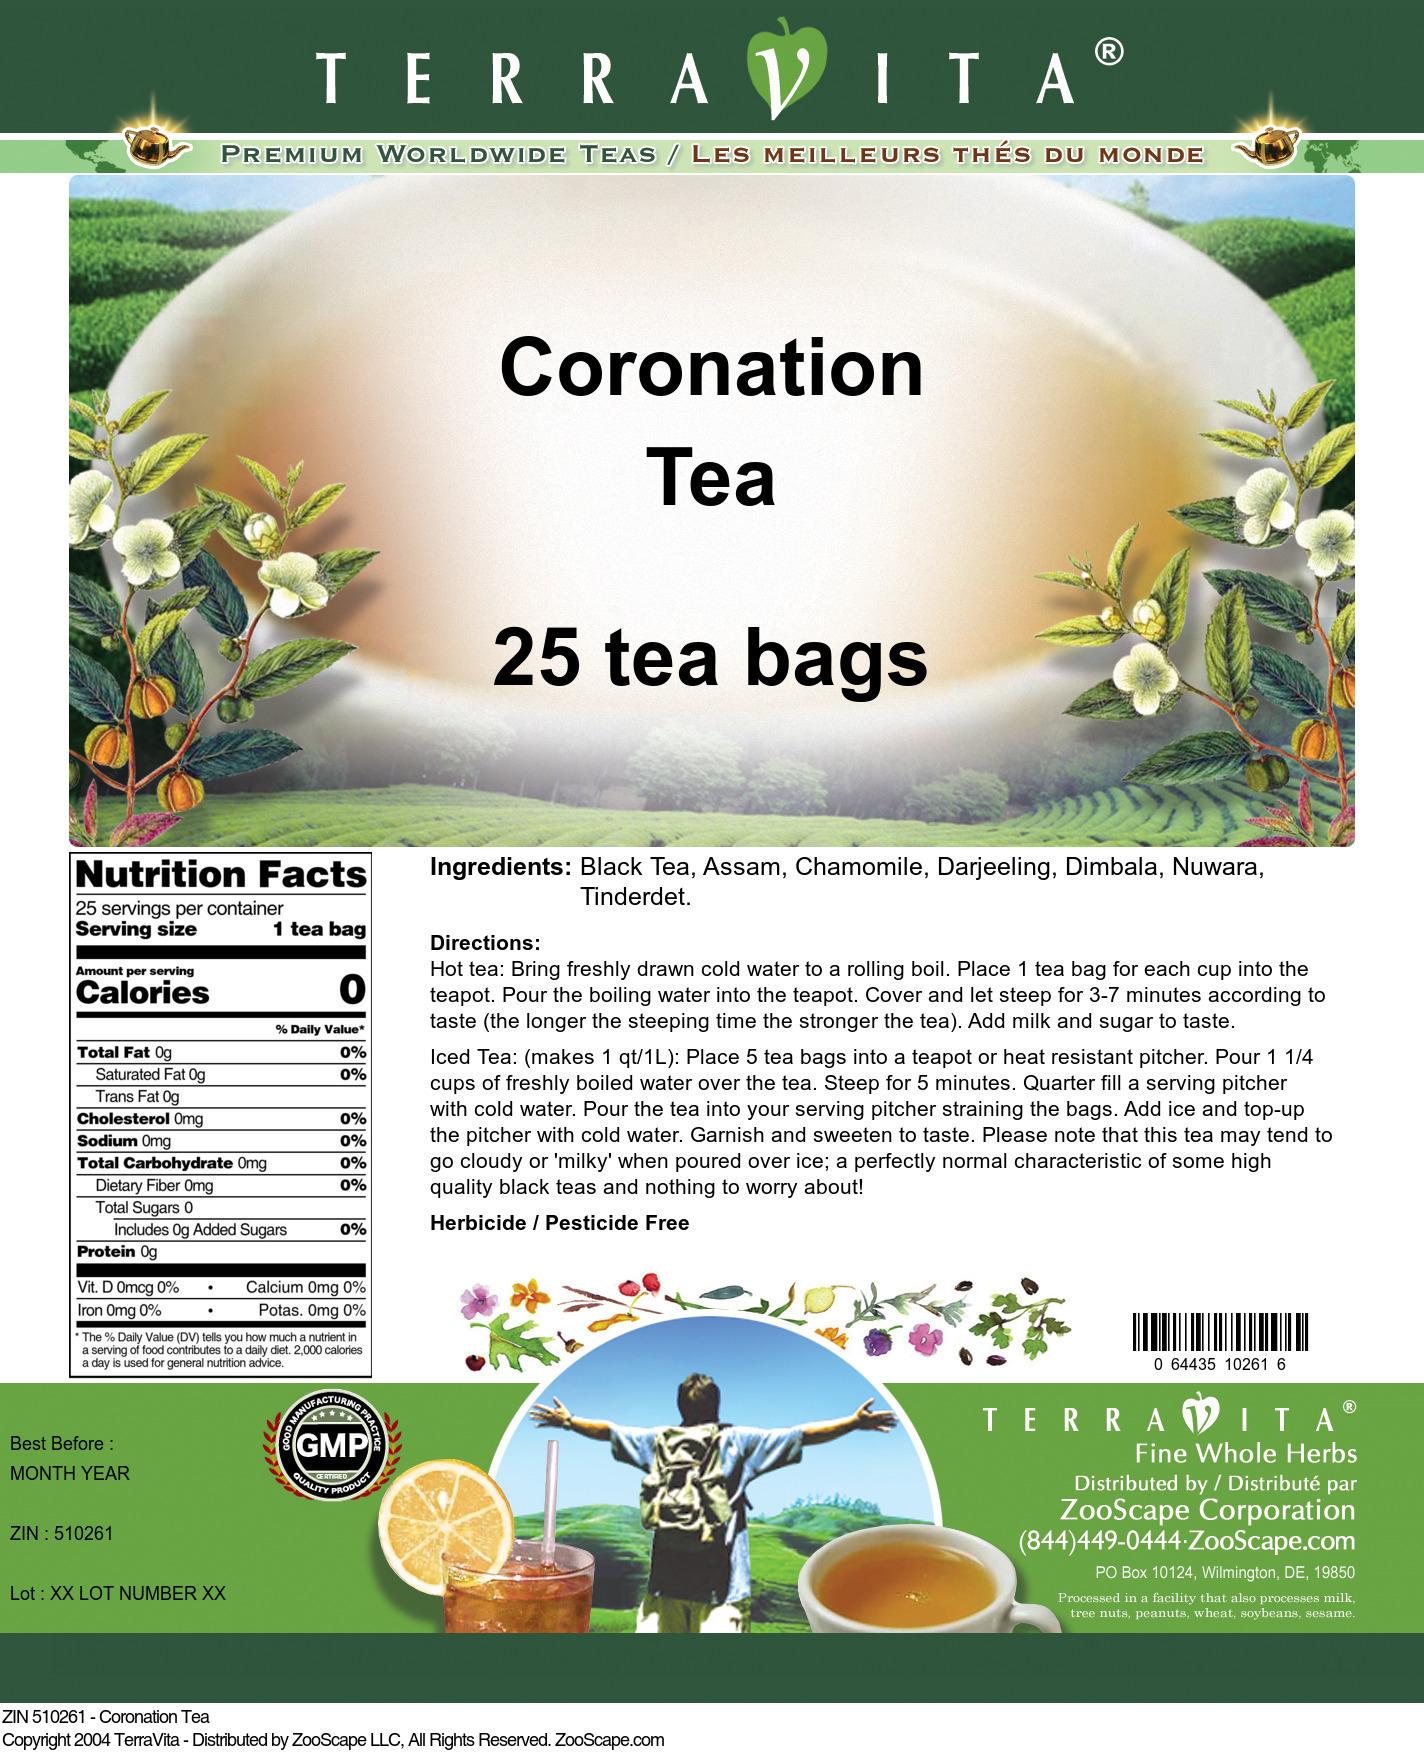 Coronation Tea